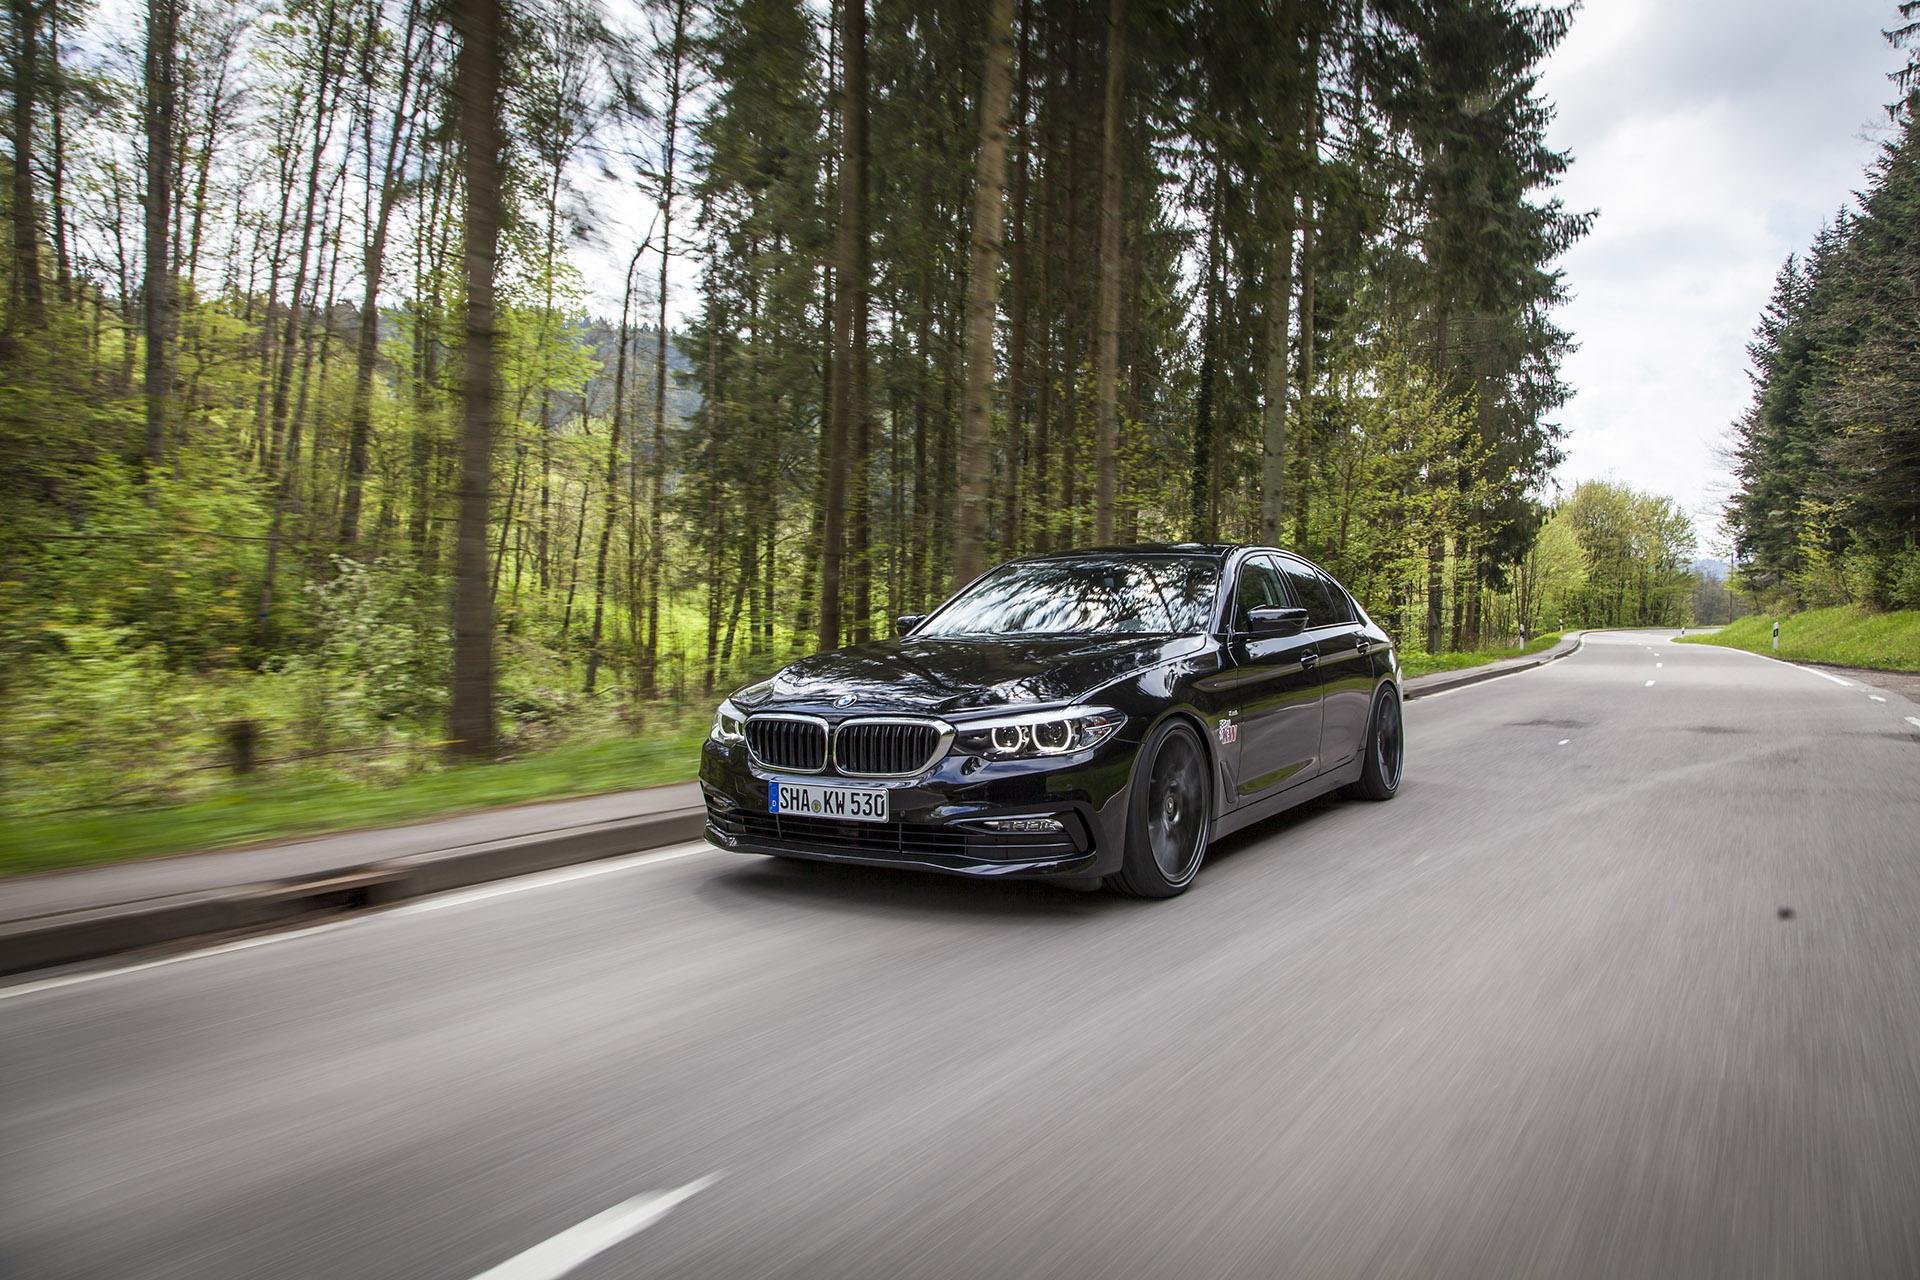 KW V3 BMW 5er G30 Fahraufname 01